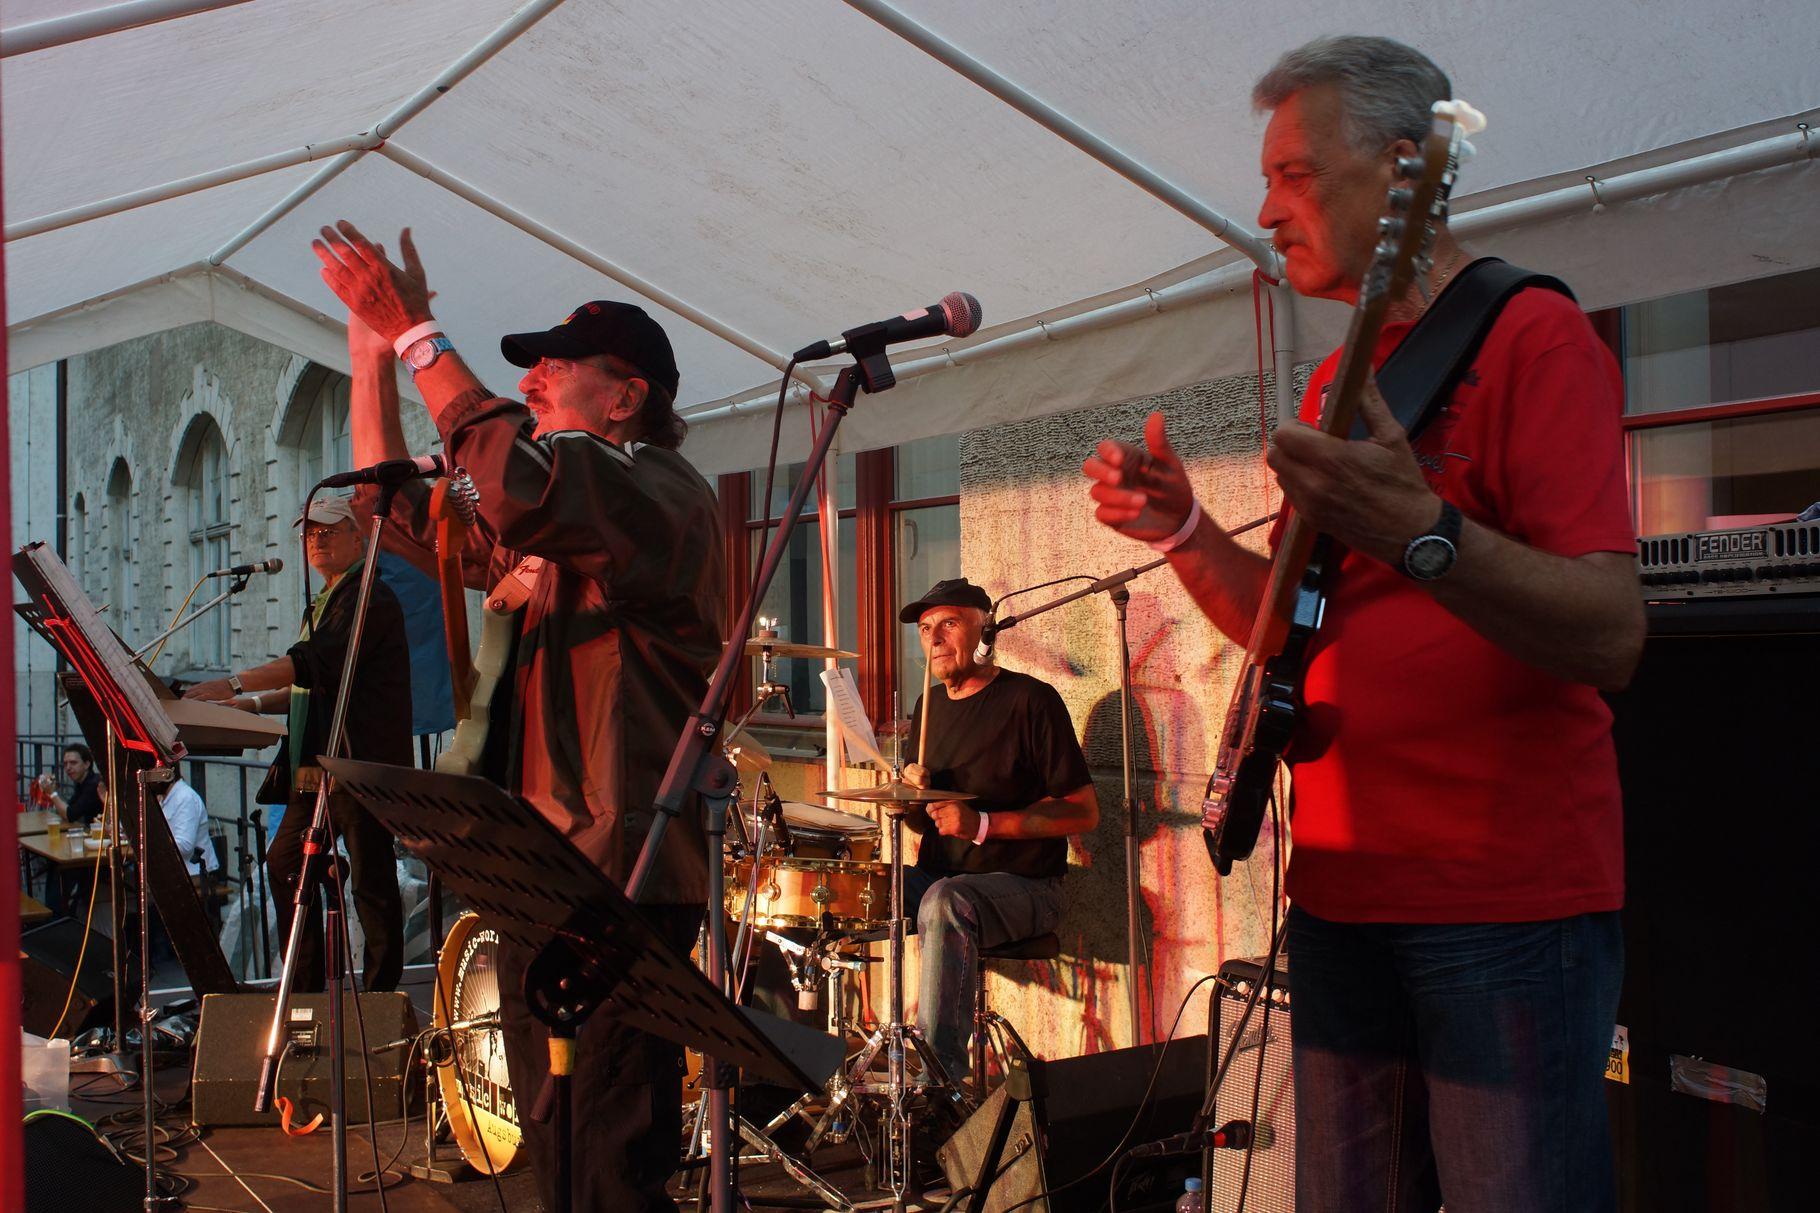 Konzerte im Bürgerhof 28.06.14 Cannons - Freiwilligen-Zentrum Augsburg - Foto: Crayfish